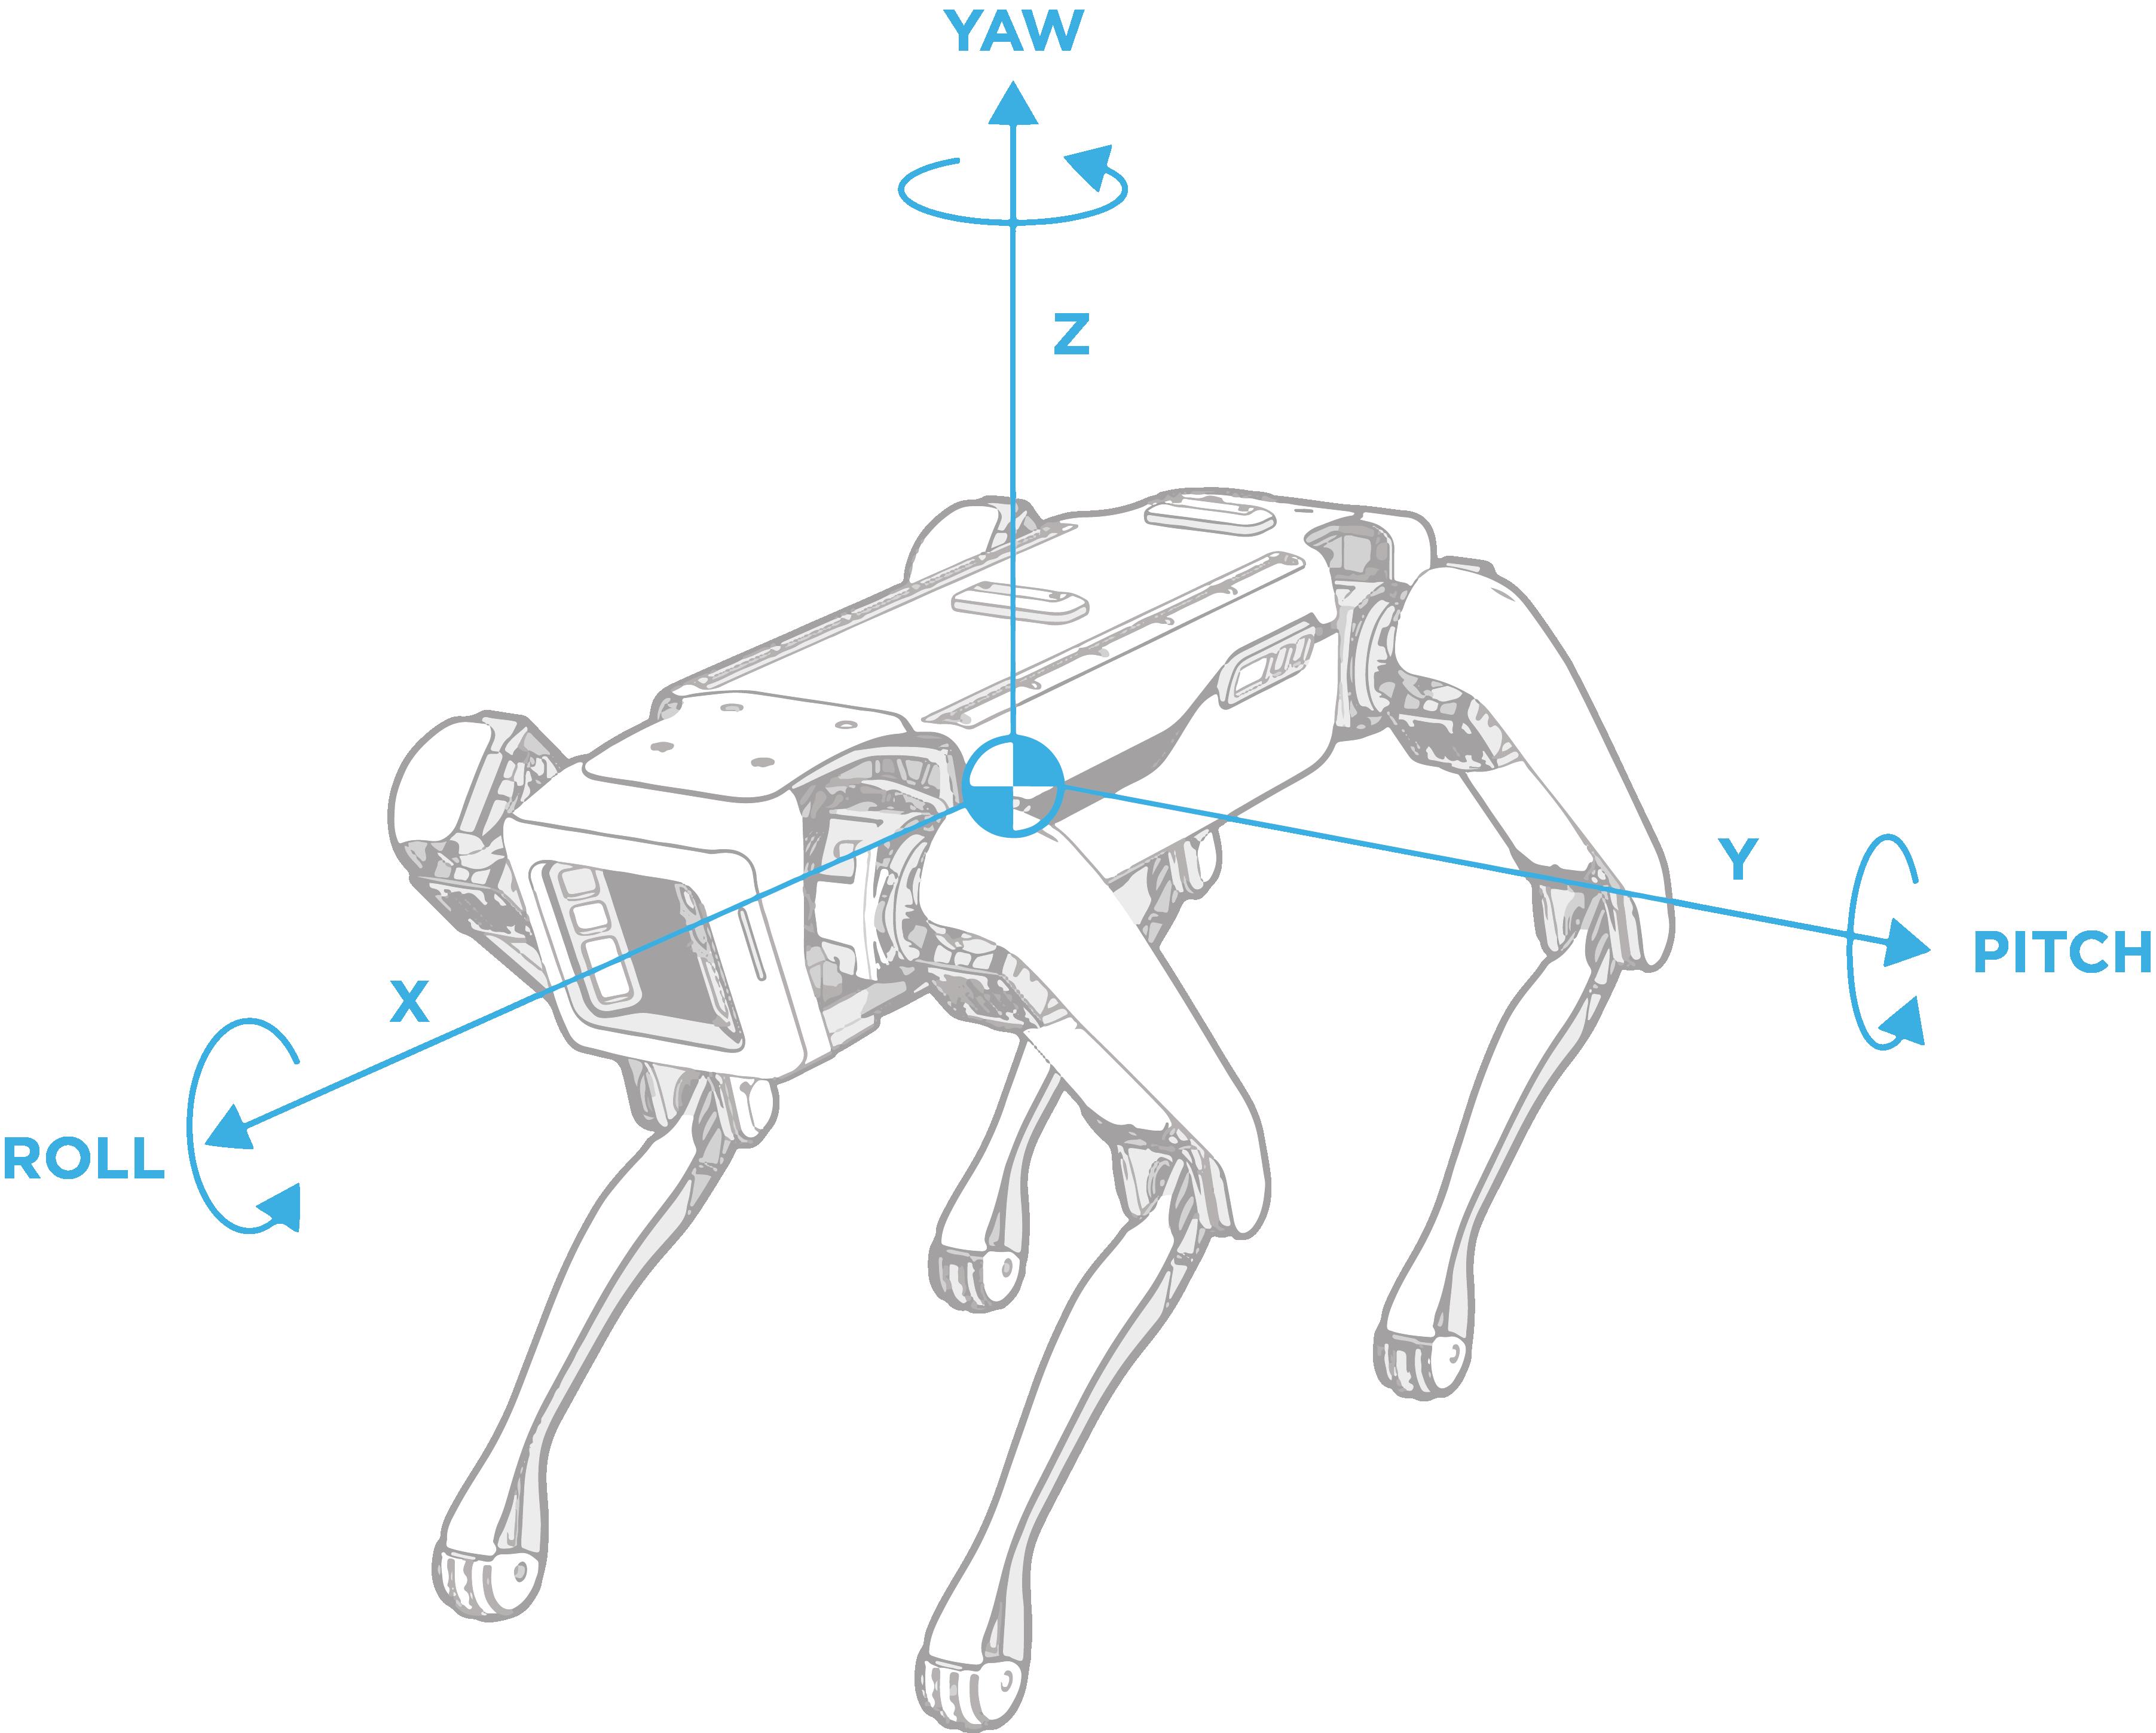 Spot geometry